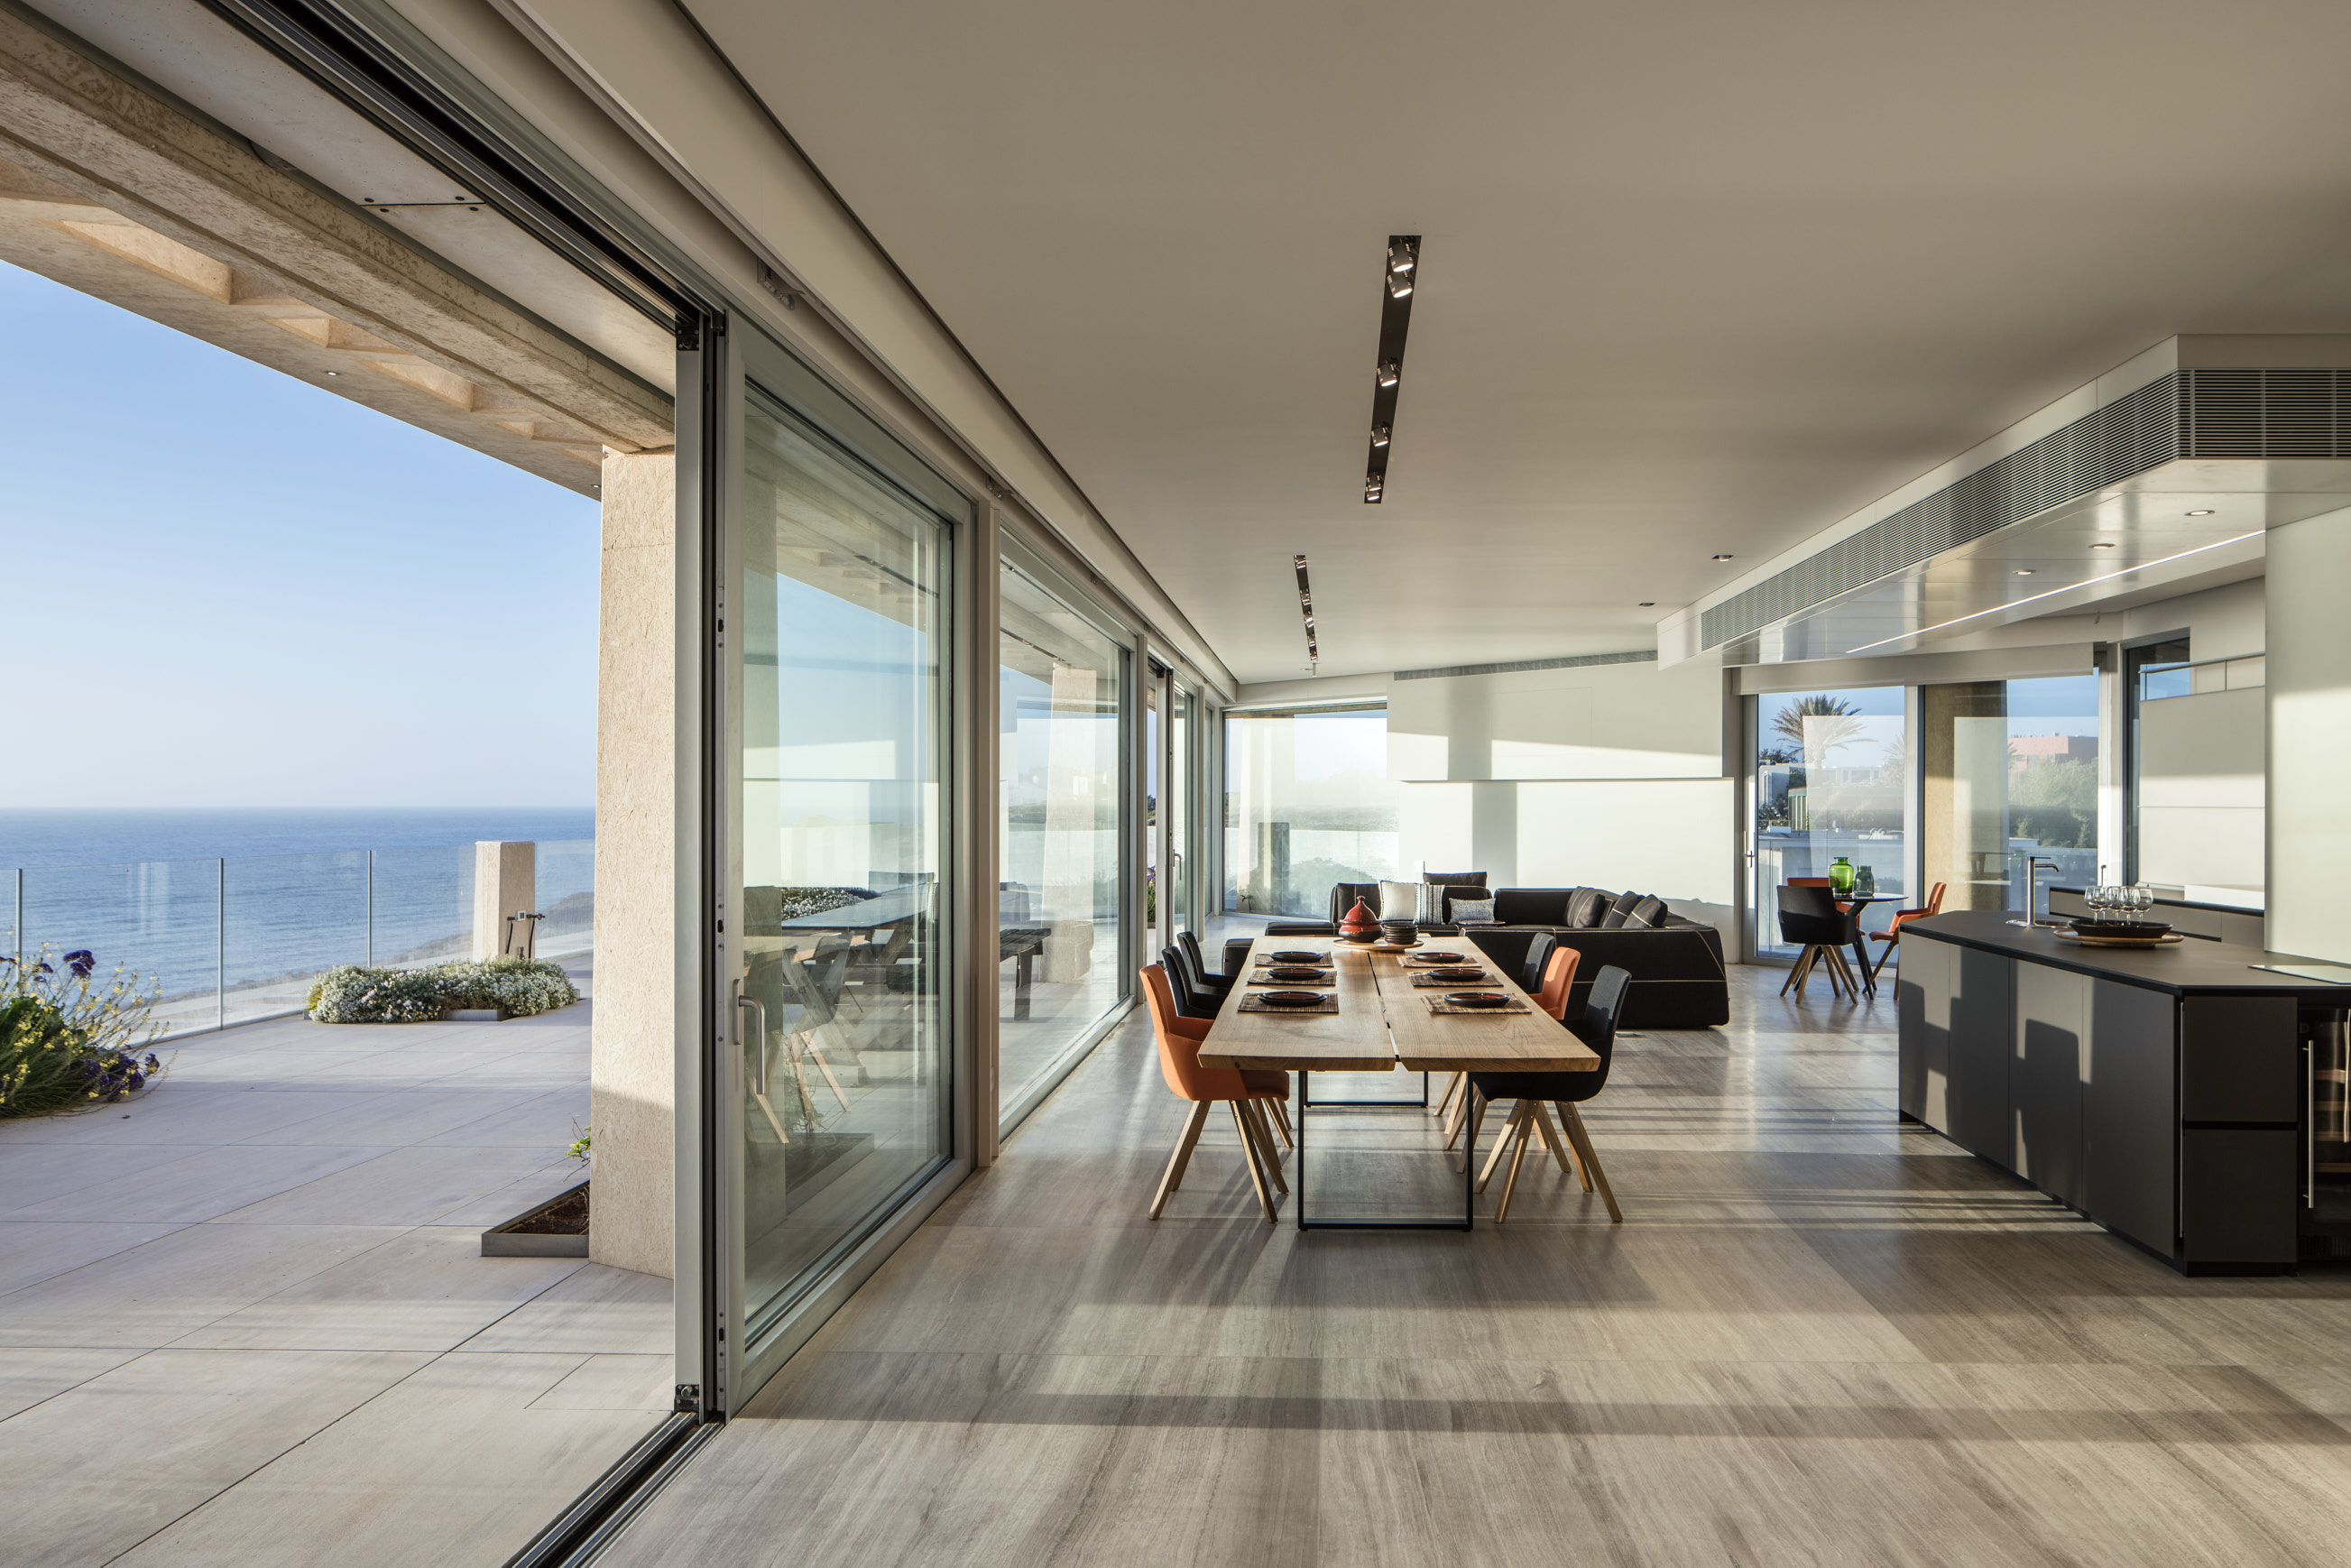 Le ville sono impreziosite da terrazze e vista incredibile sul Mar Mediterraneo / Gottesman-Szmelcman Architecture